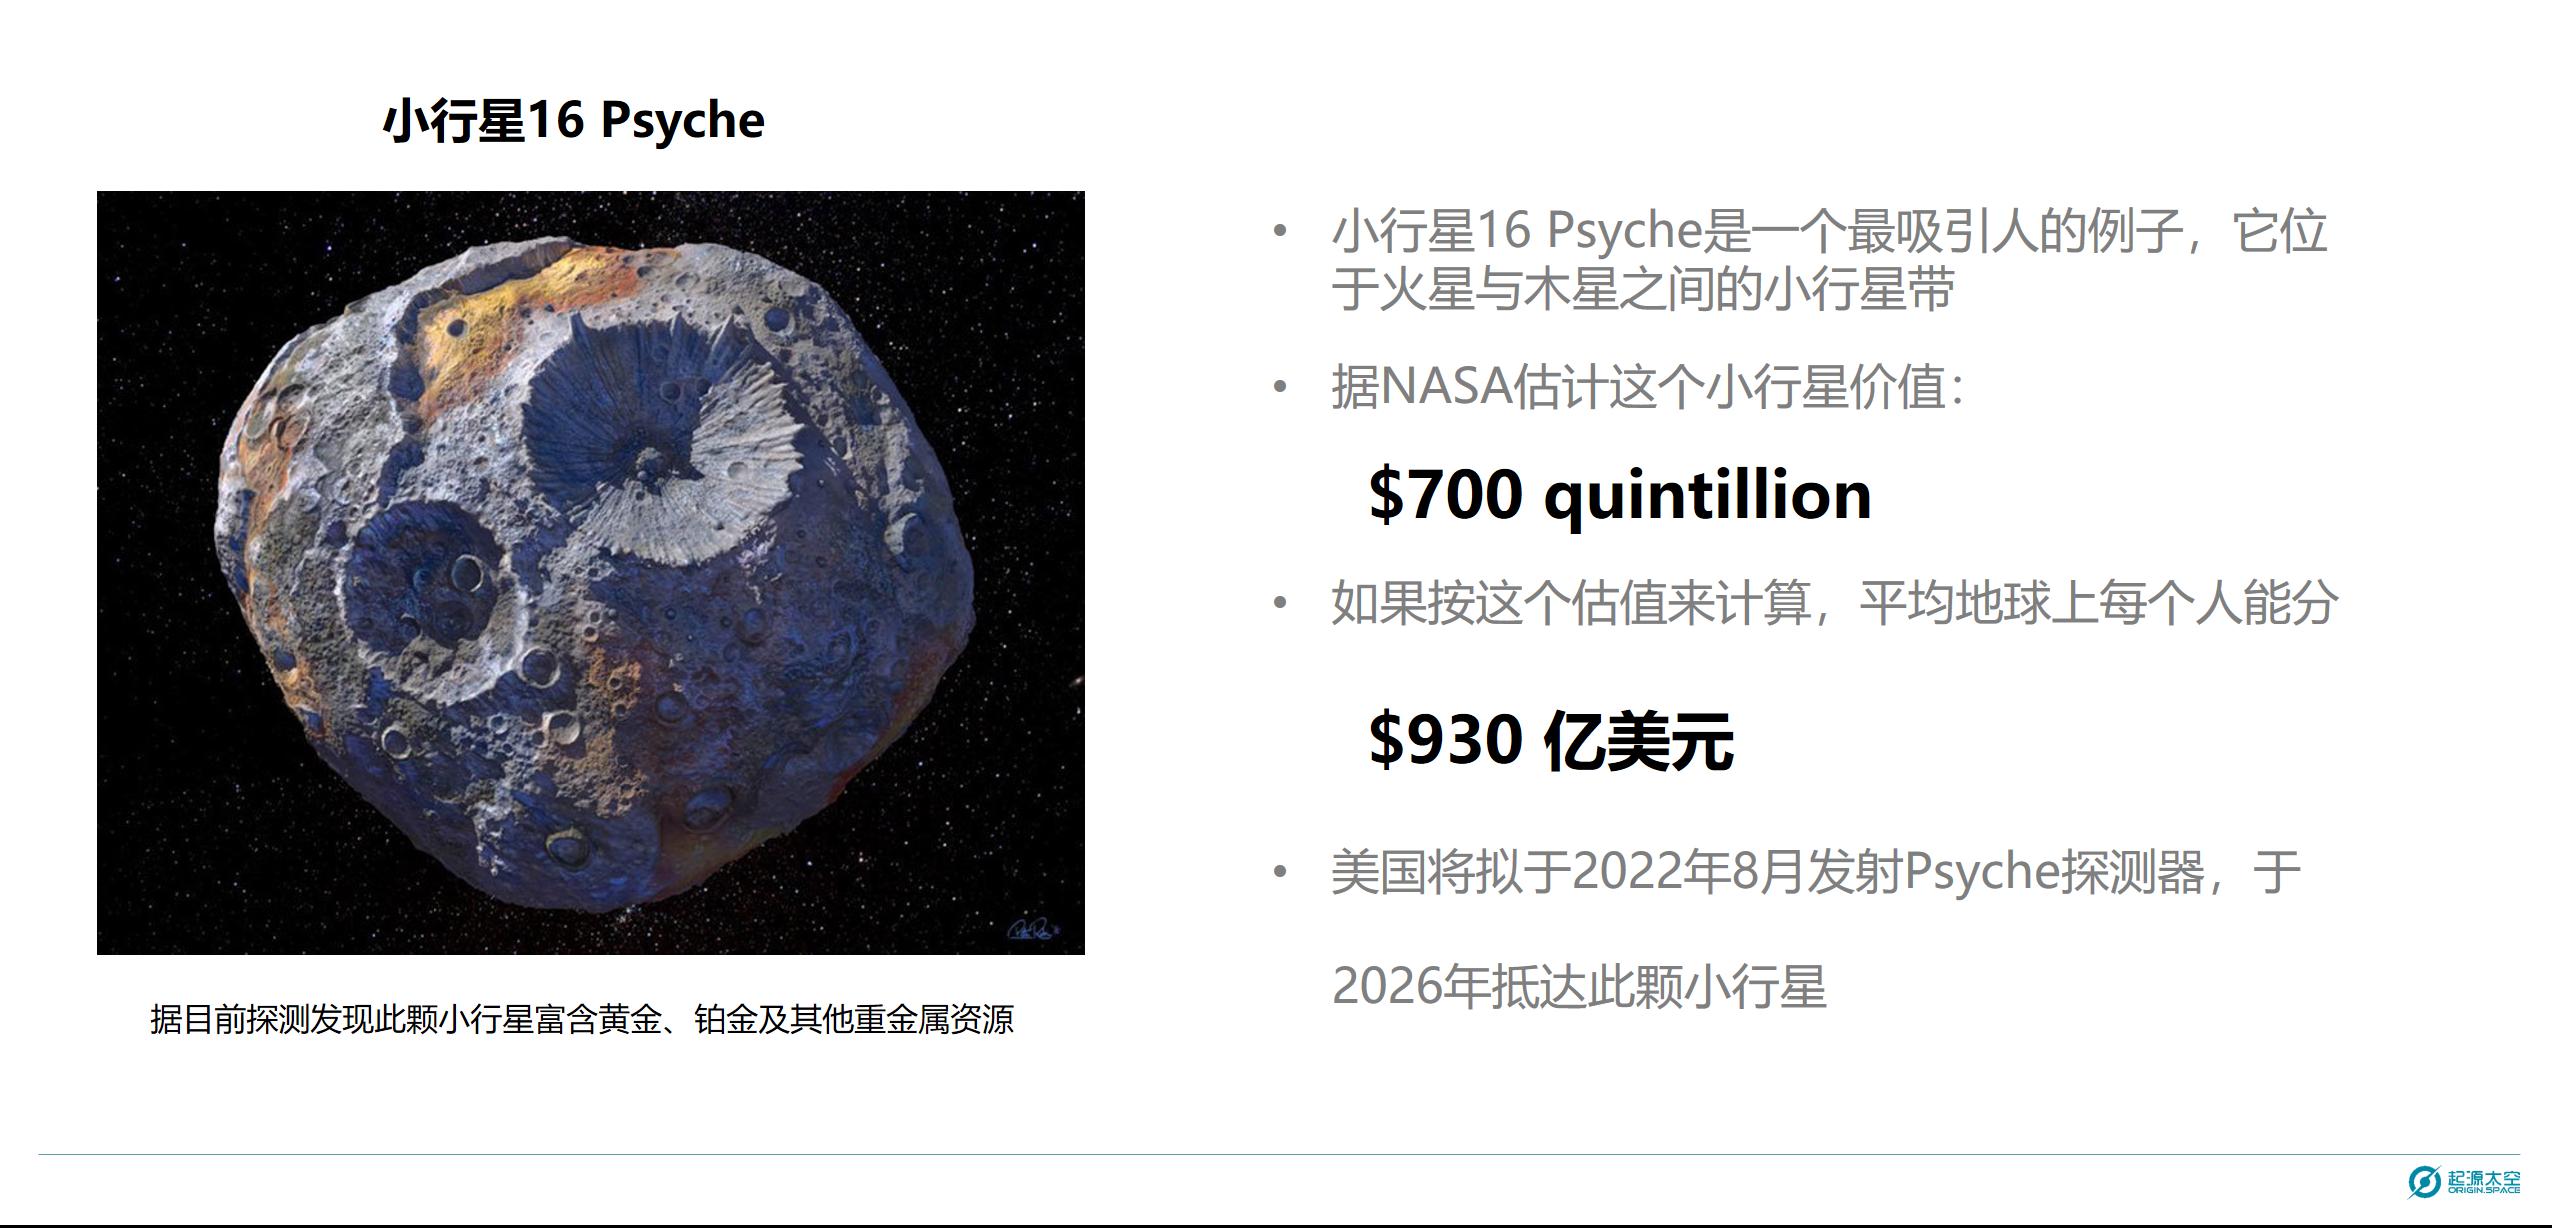 知料|走,上小行星挖金矿,分给每个地球人930亿美元